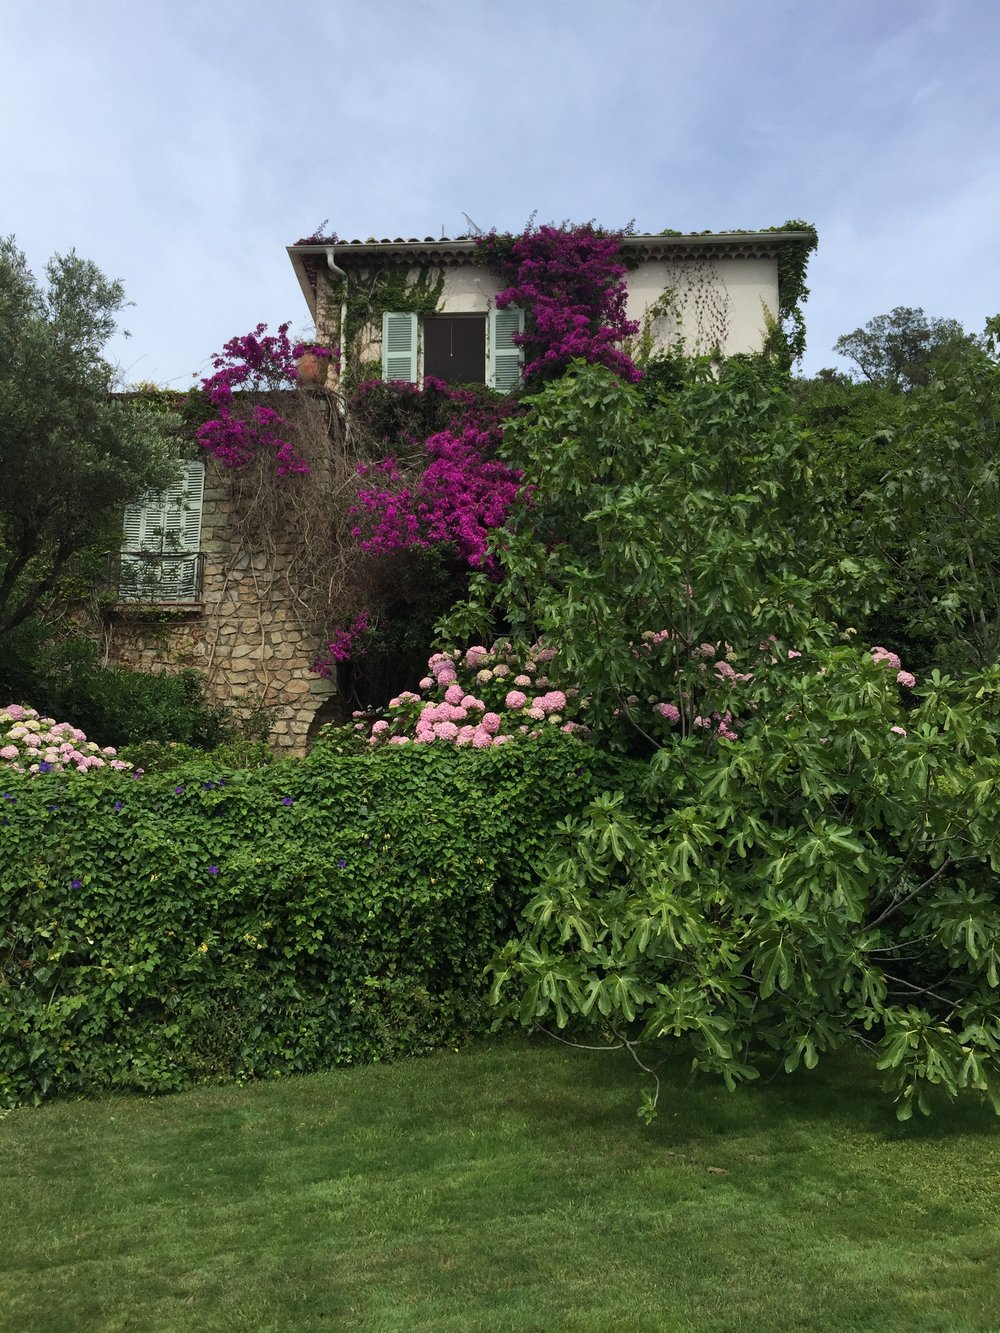 Michel's extraordinary home overlooking St. Tropez